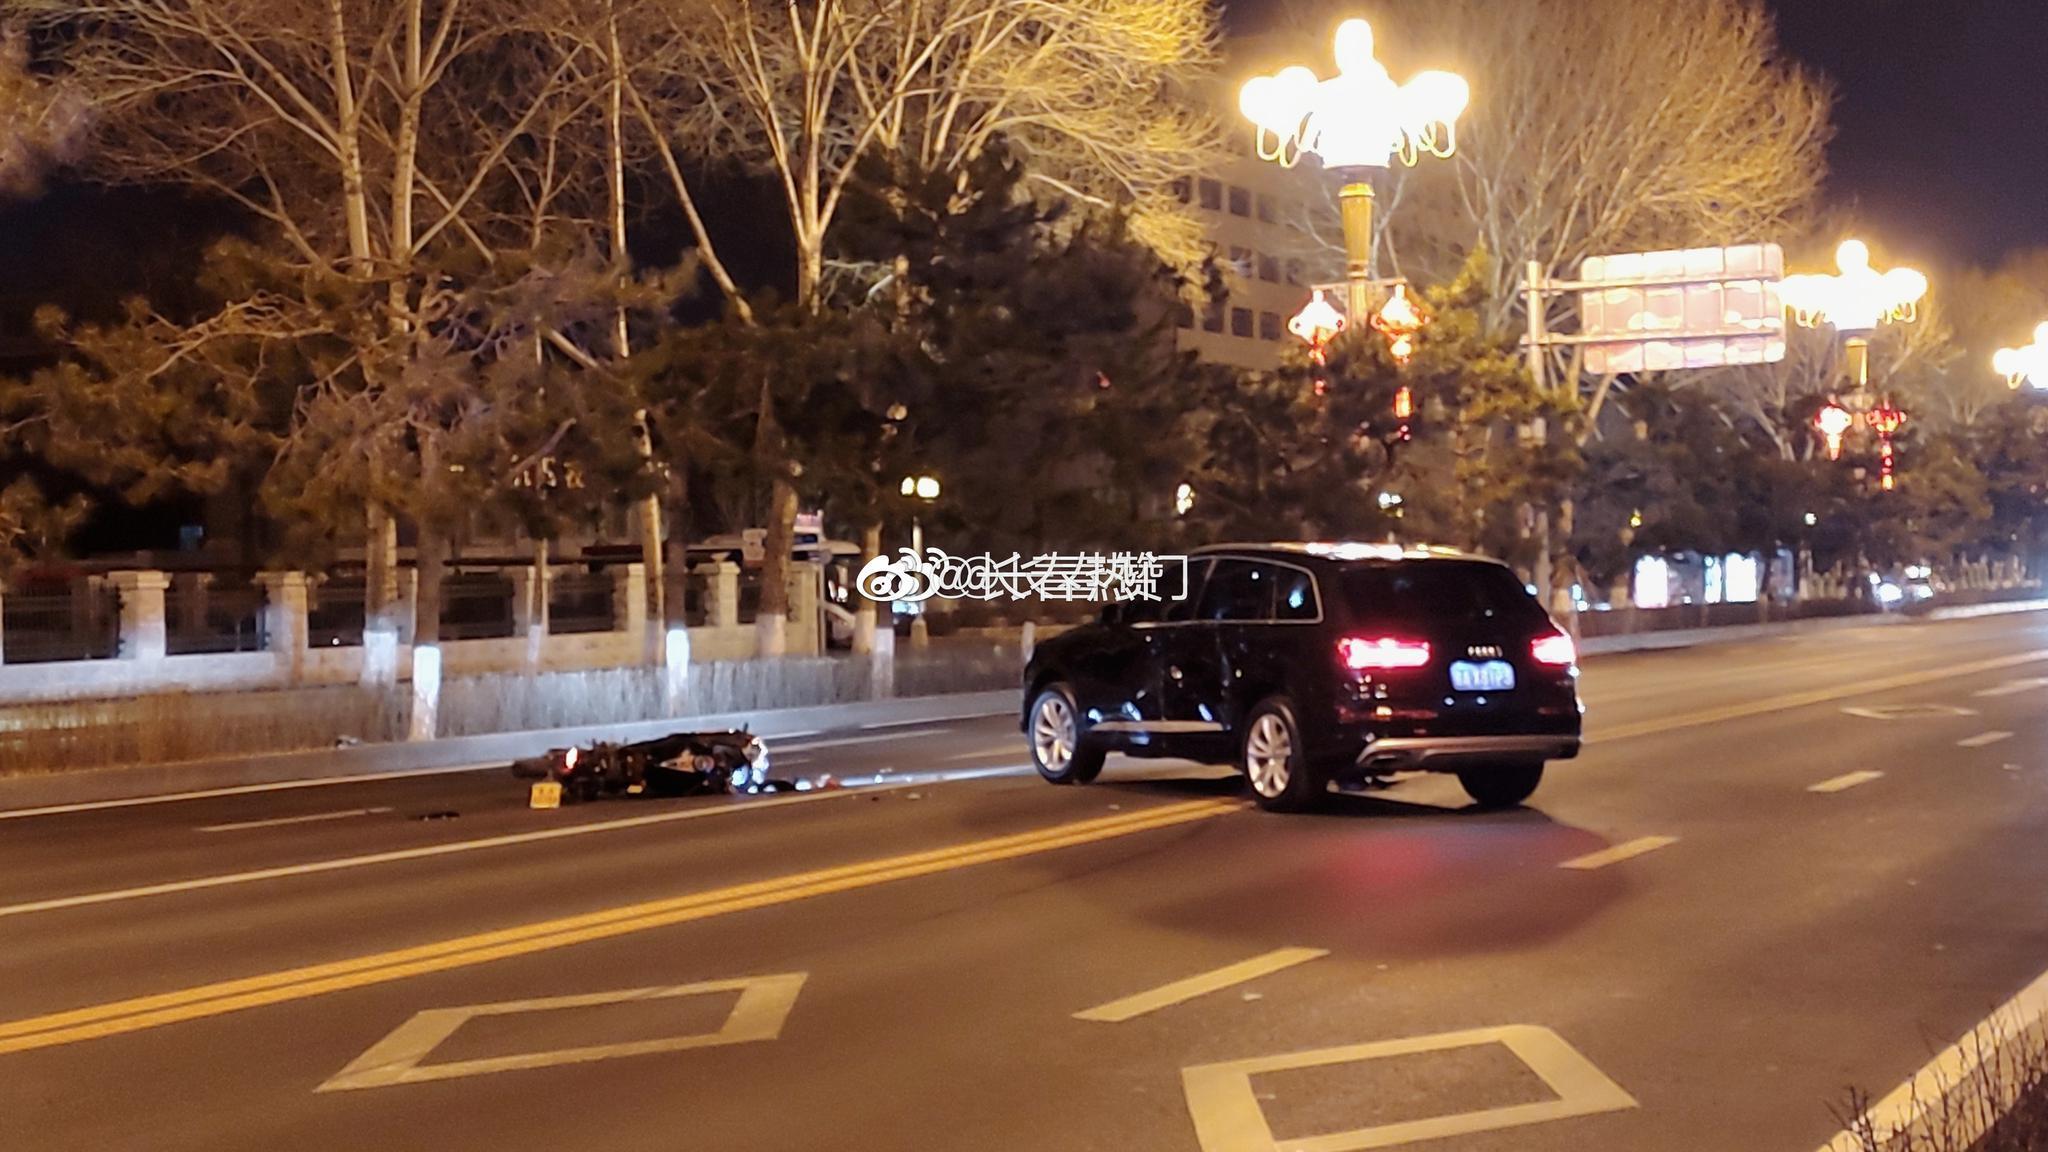 奥迪Q7 SUV,跨越双实线掉头。摩托车进入主车道!发生交通事故